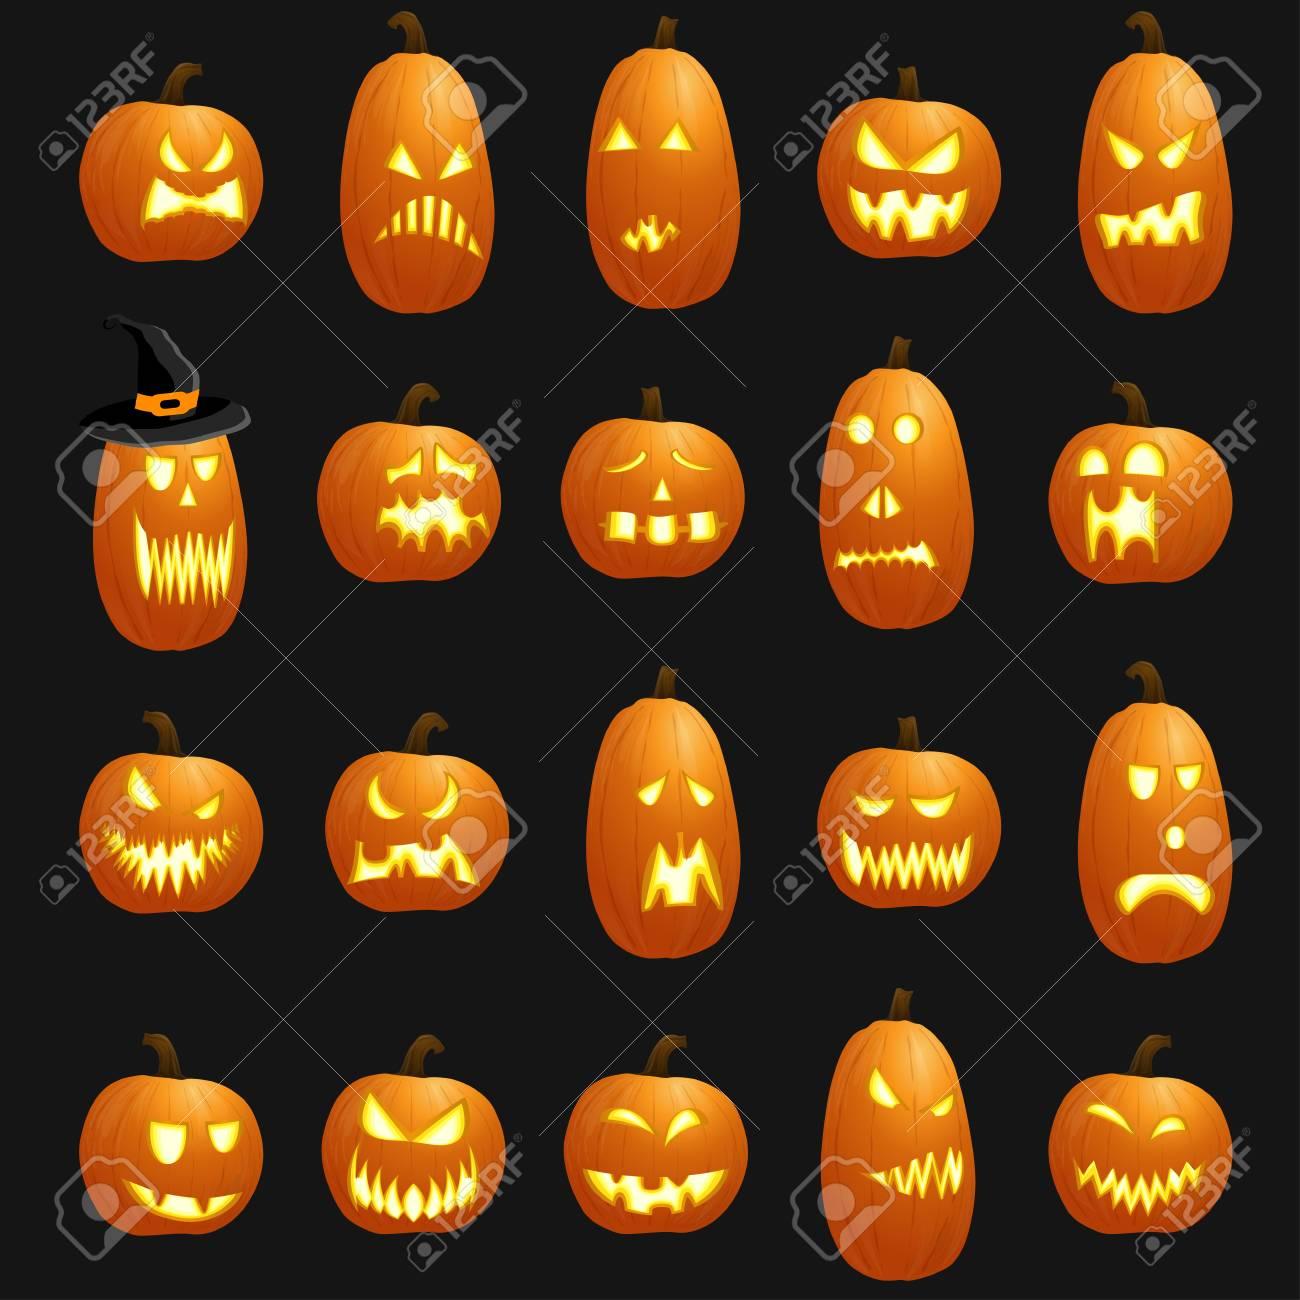 Colección De Diferentes Calabazas Ilustradas De Color Naranja Para Diseños De Halloween Ilustraciones Vectoriales Clip Art Vectorizado Libre De Derechos Image 87745988